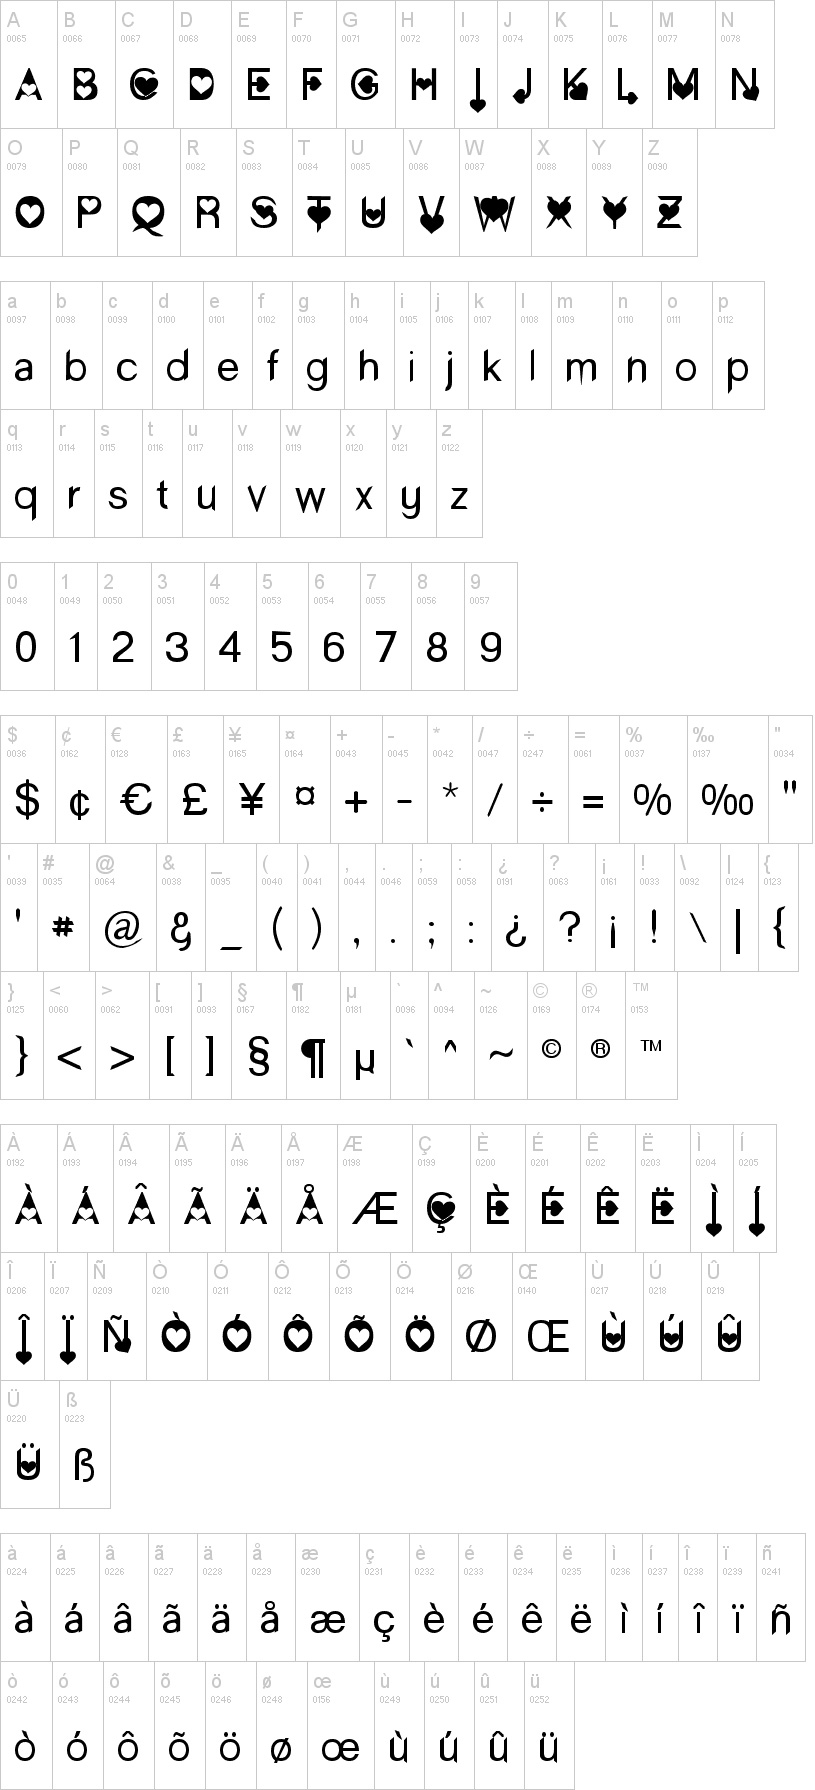 Paris Enamorado tipografia abecedario